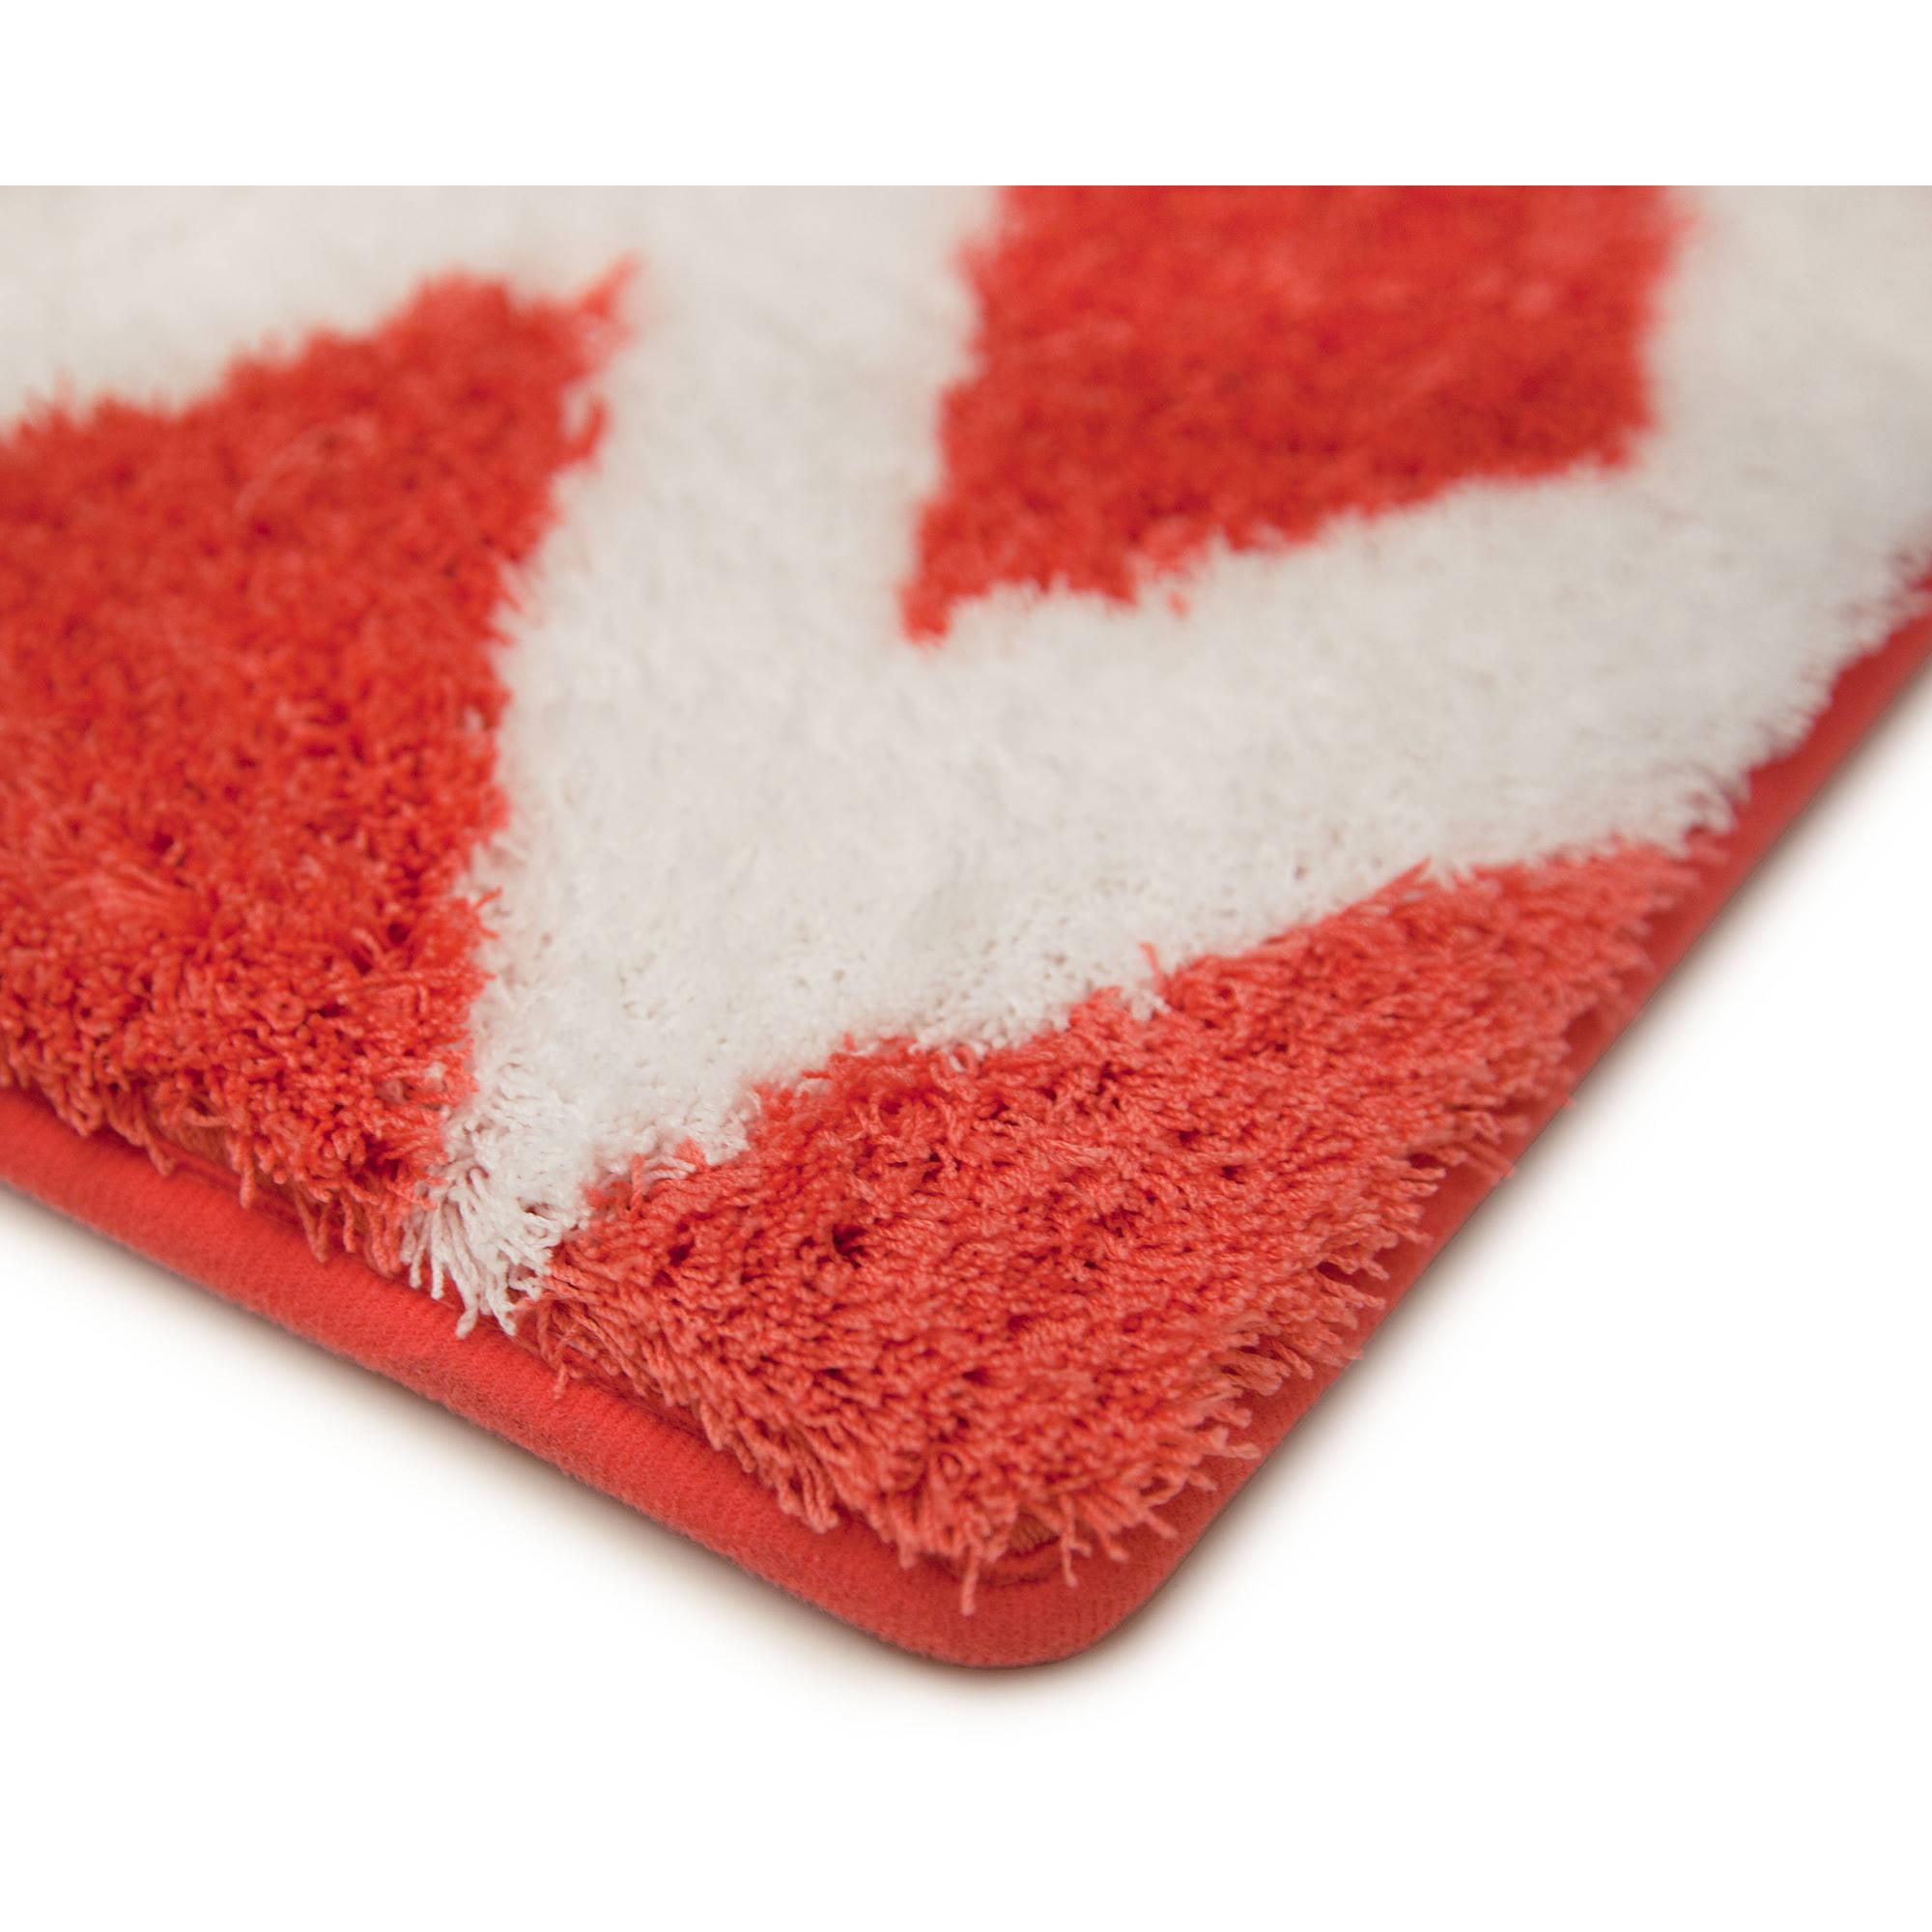 Coral Color Bathroom Rugs.Mainstays True Color Coral Fire Memory Foam Bath Rug 1 Each